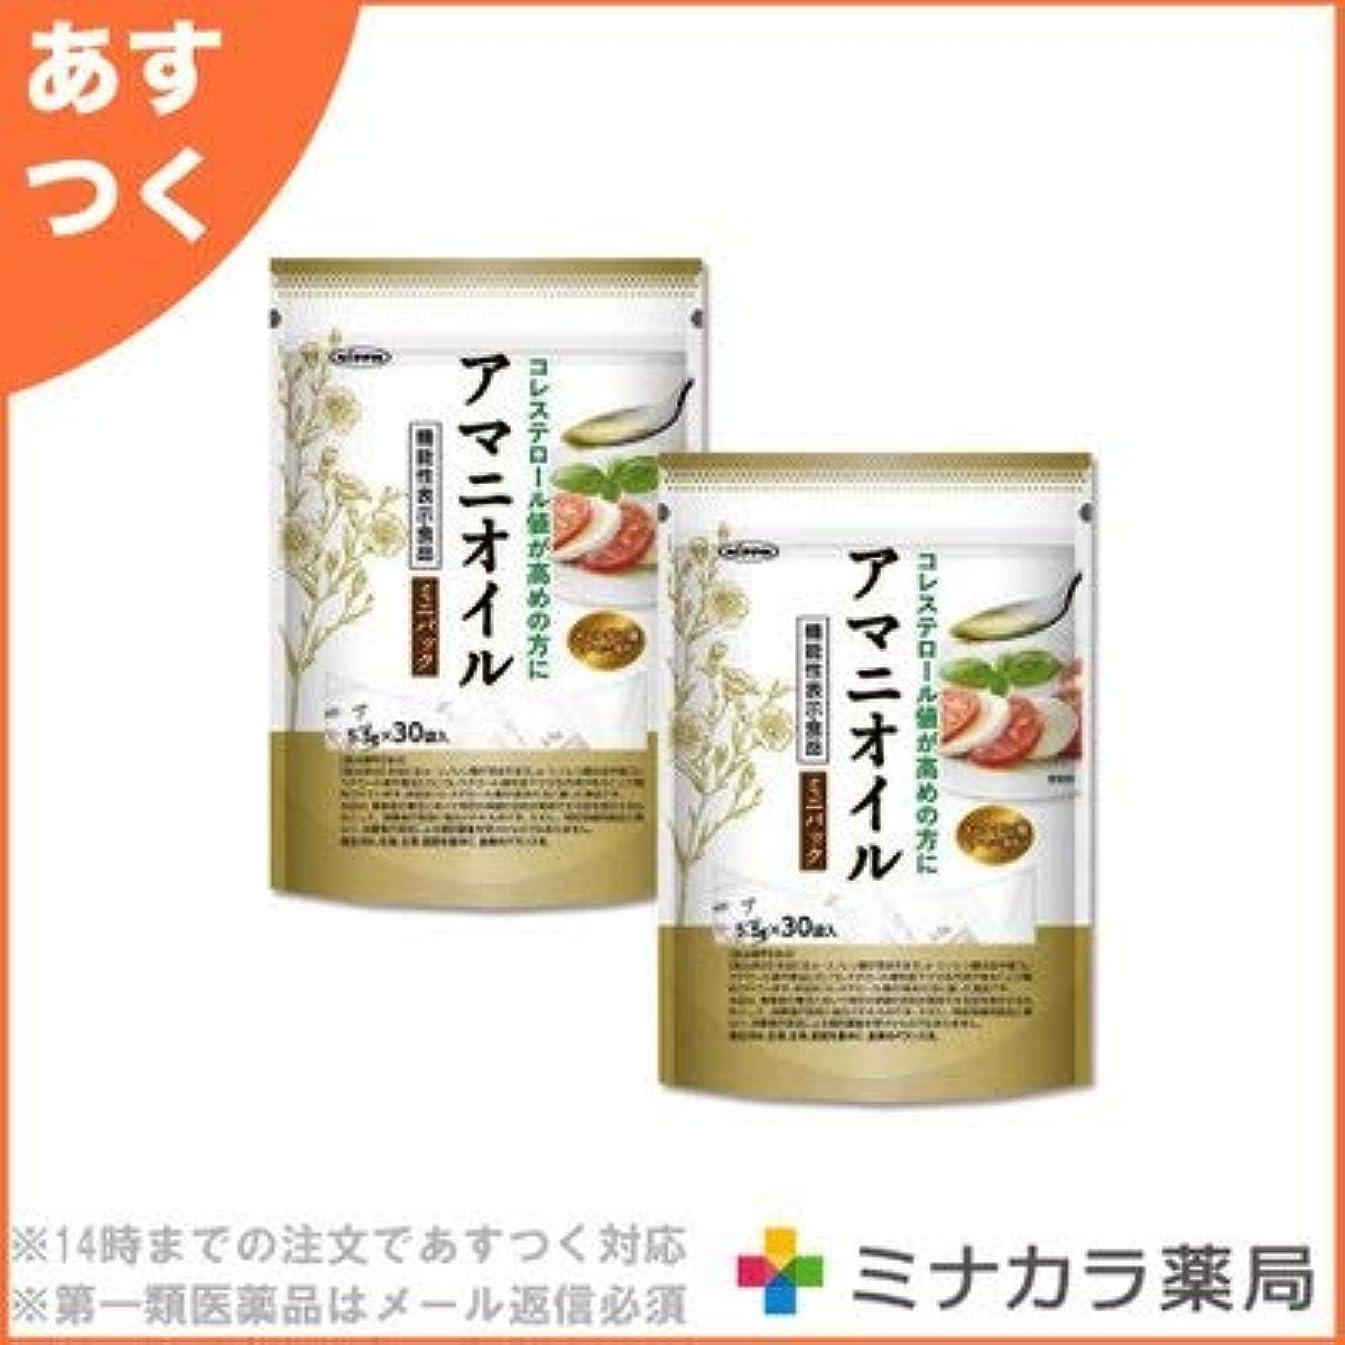 資本主義習熟度困惑した日本製粉 アマニオイル ミニパック 5.5g×30 (機能性表示食品)×2個セット